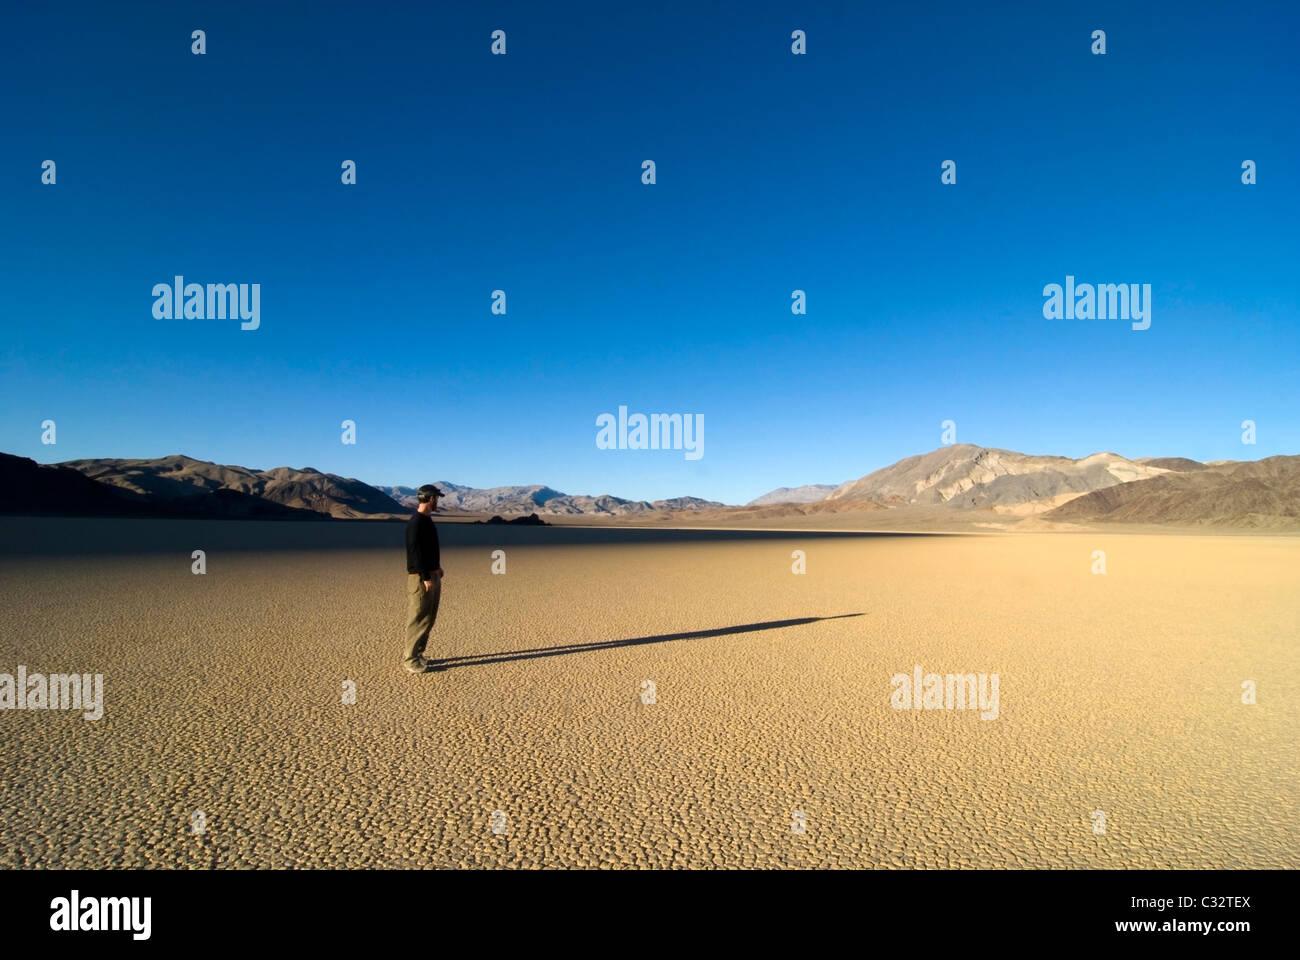 Ein Mann steht auf der Rennstrecke Blick auf seinen langen Schatten auf dem Sand in Death Valley Nationalpark, CA. Stockbild